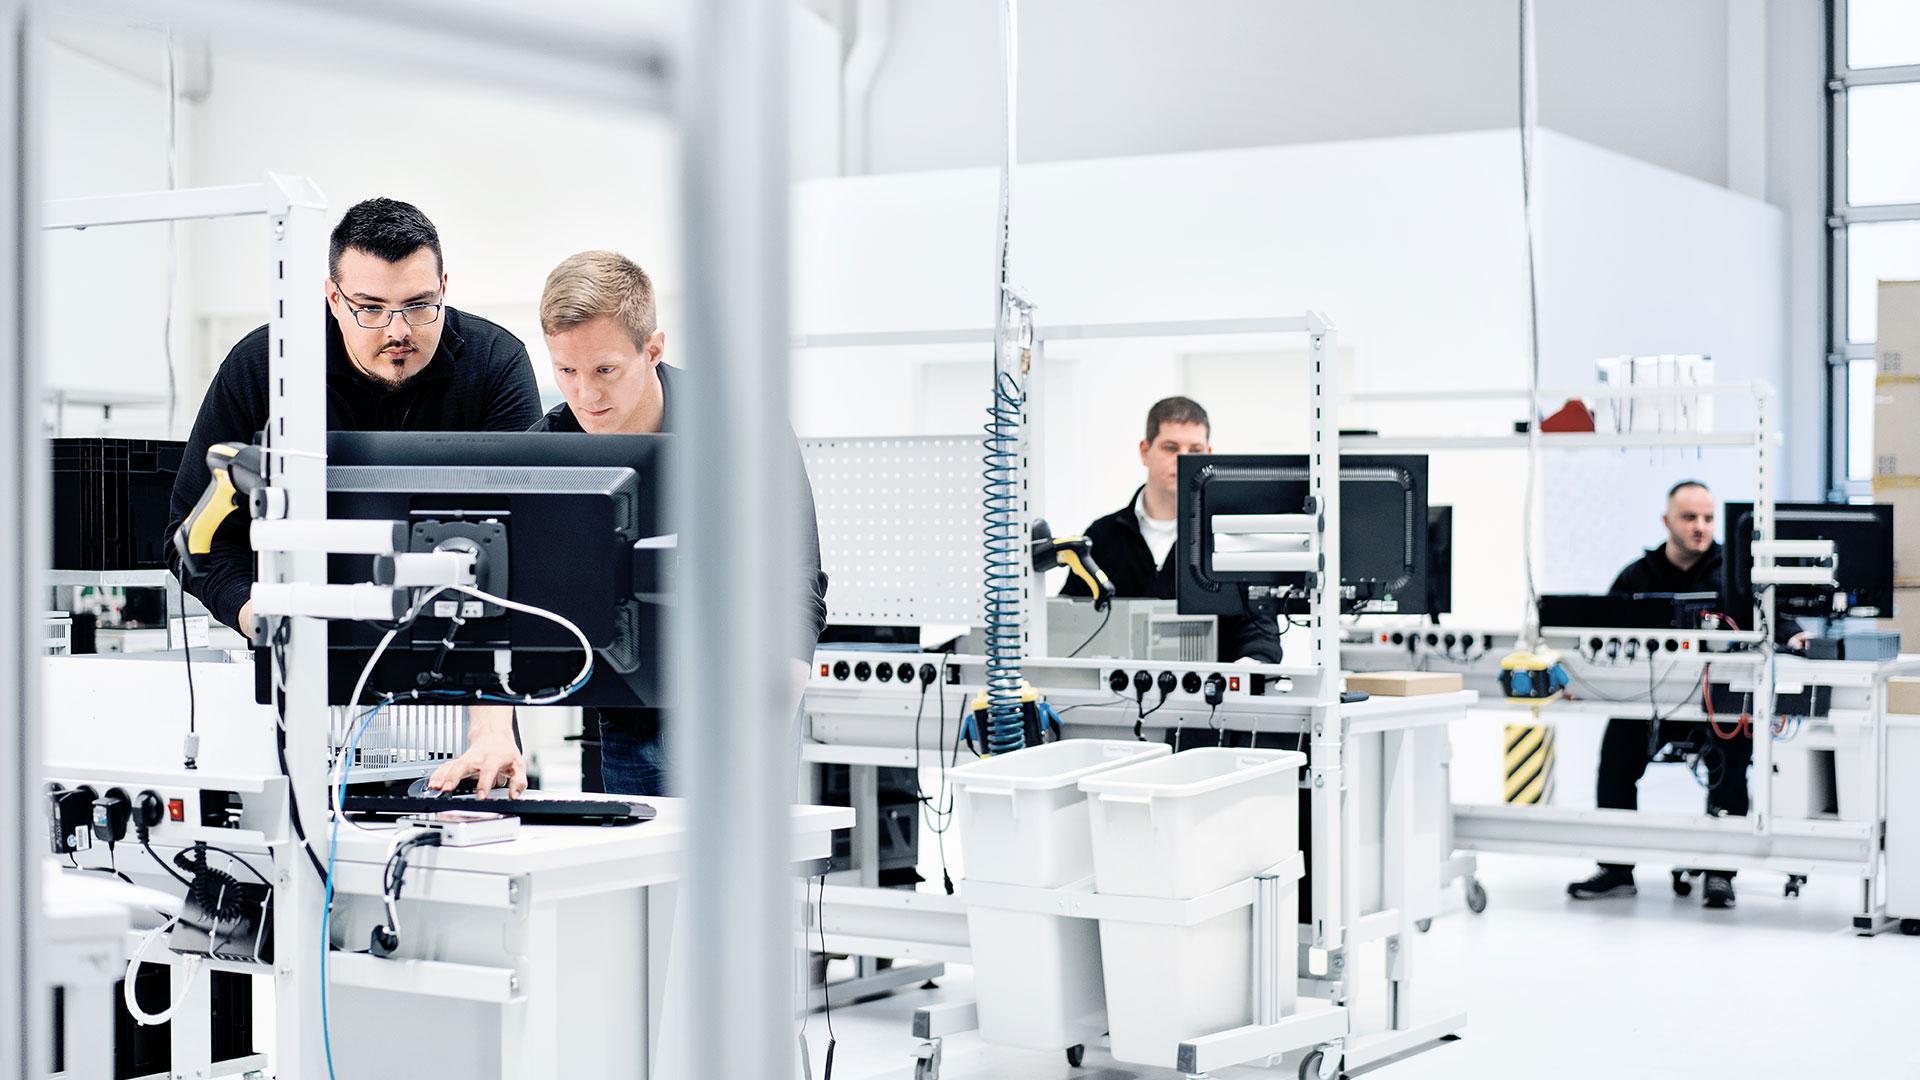 Janz Tec Industrial-IoT Hardware Engineering